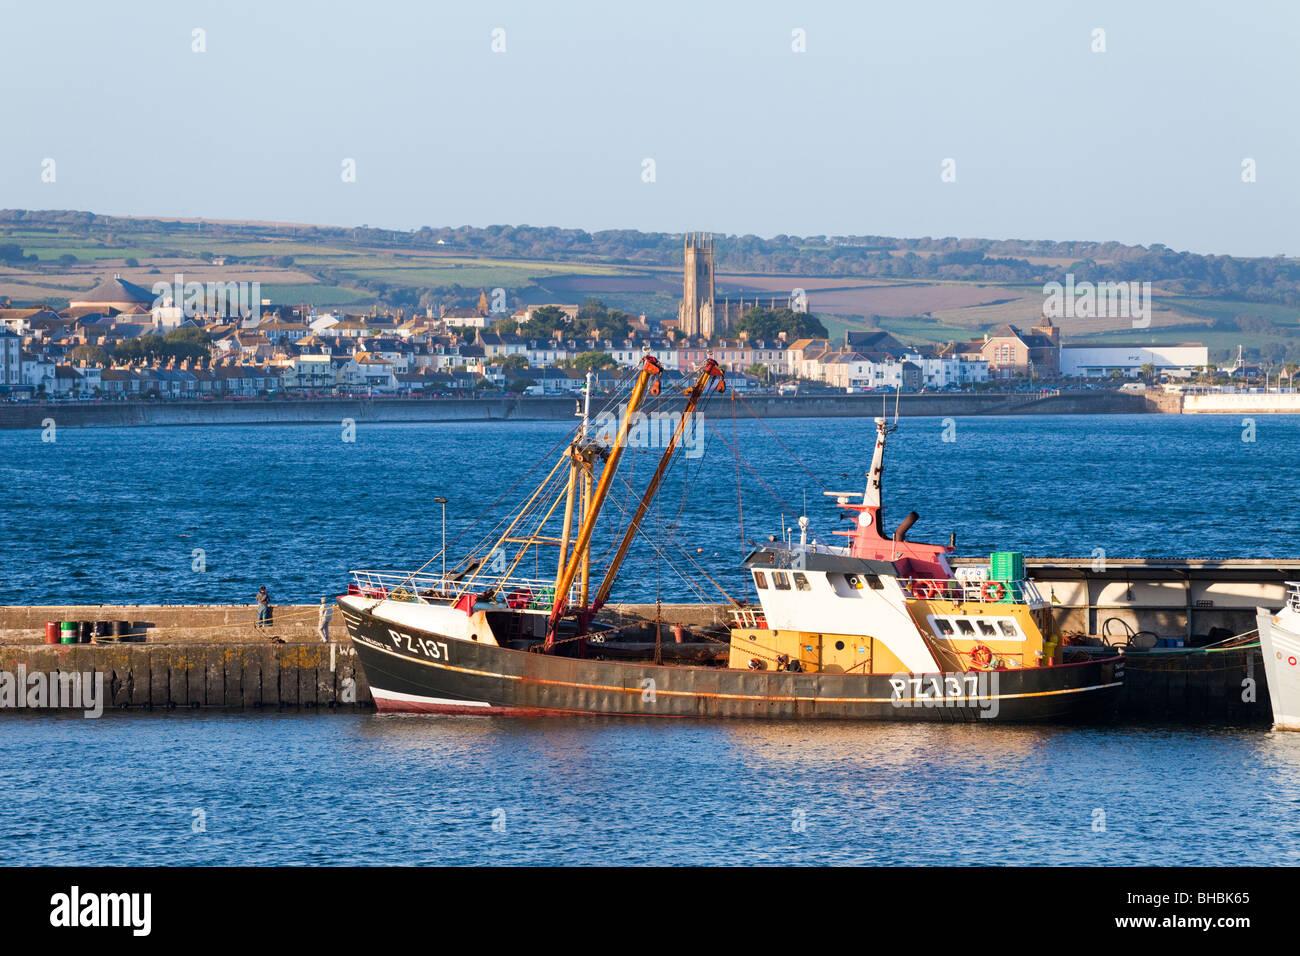 Arrastrero haz PZ-137 Twilight III en Newlyn Harbour, Cornwall. Penzance es visible en el fondo. Foto de stock